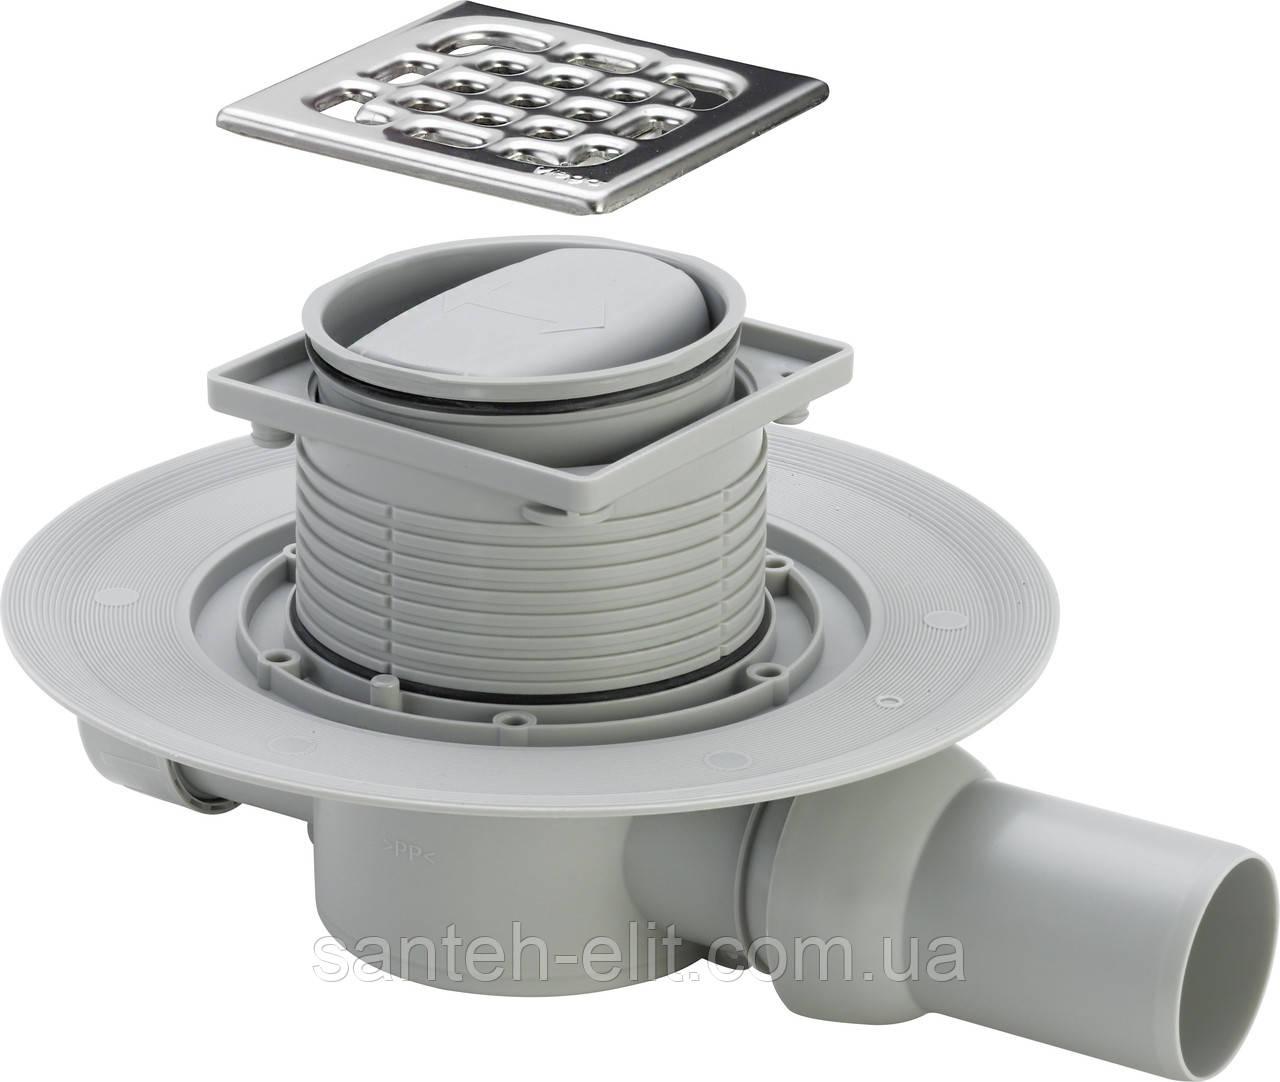 ADVANTIX трап для ванной, сухой затвор, горизонтальный D50